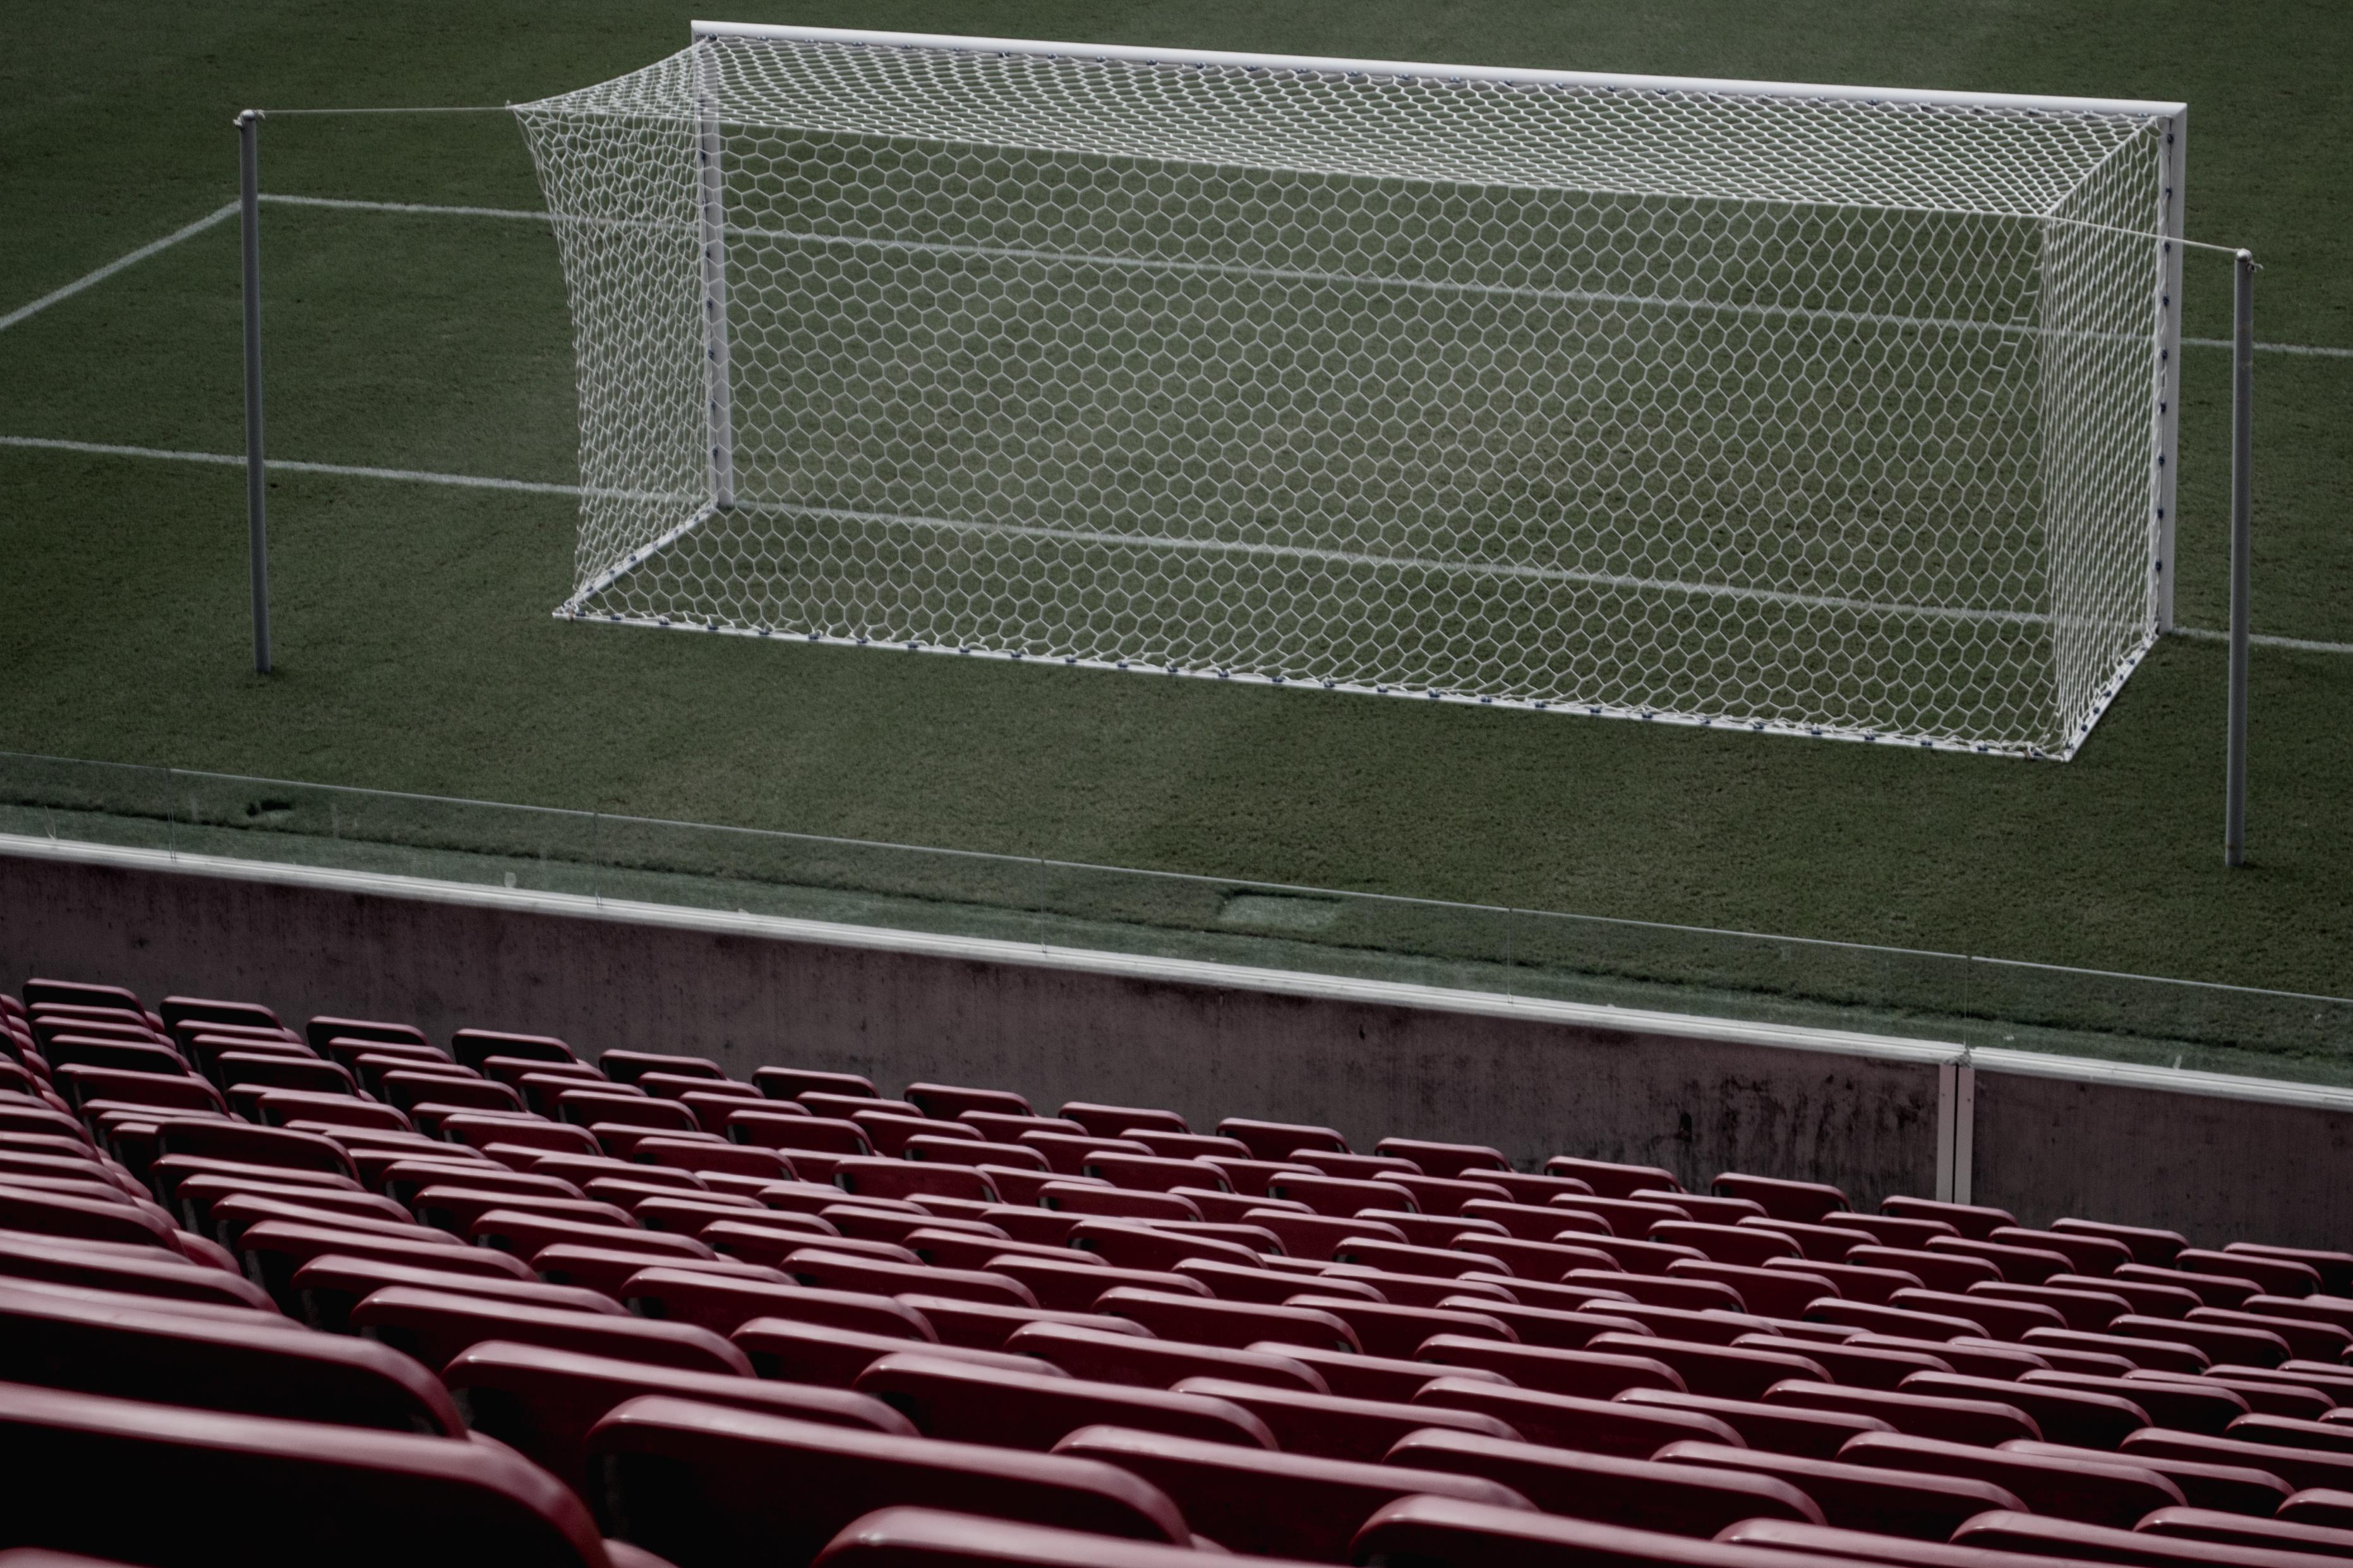 Gambar Struktur Baris Sepak Bola Kosong Kursi Arena Bangku Edited Stadion Tujuan Bersih Tempat Duduk Bentuk